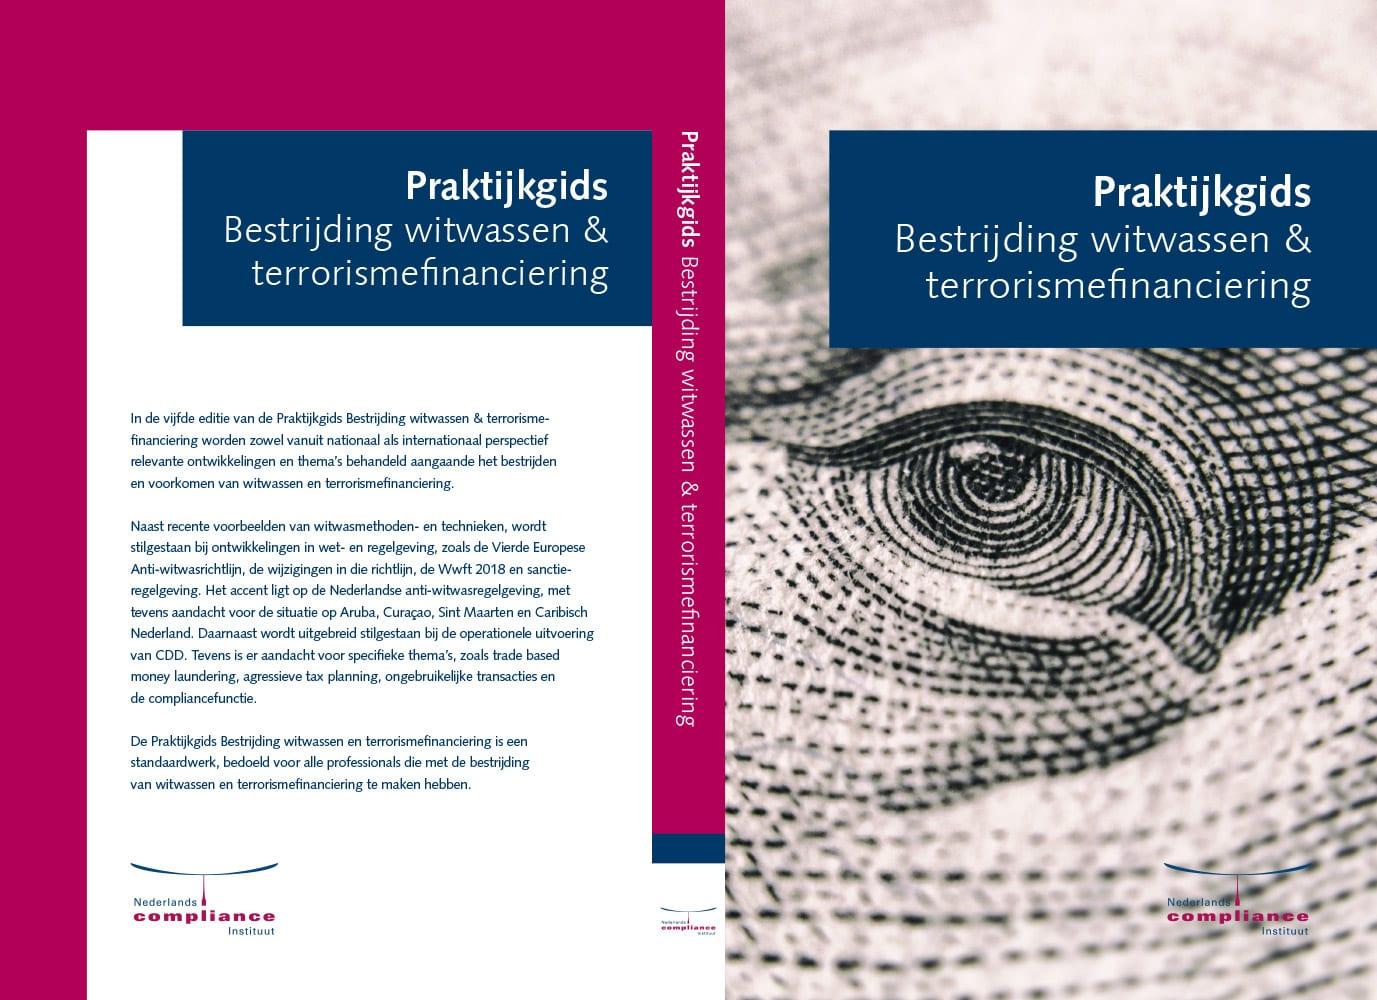 Omslag Praktijkgids Bestrijding witwassen en terrorismefinanciering 2019